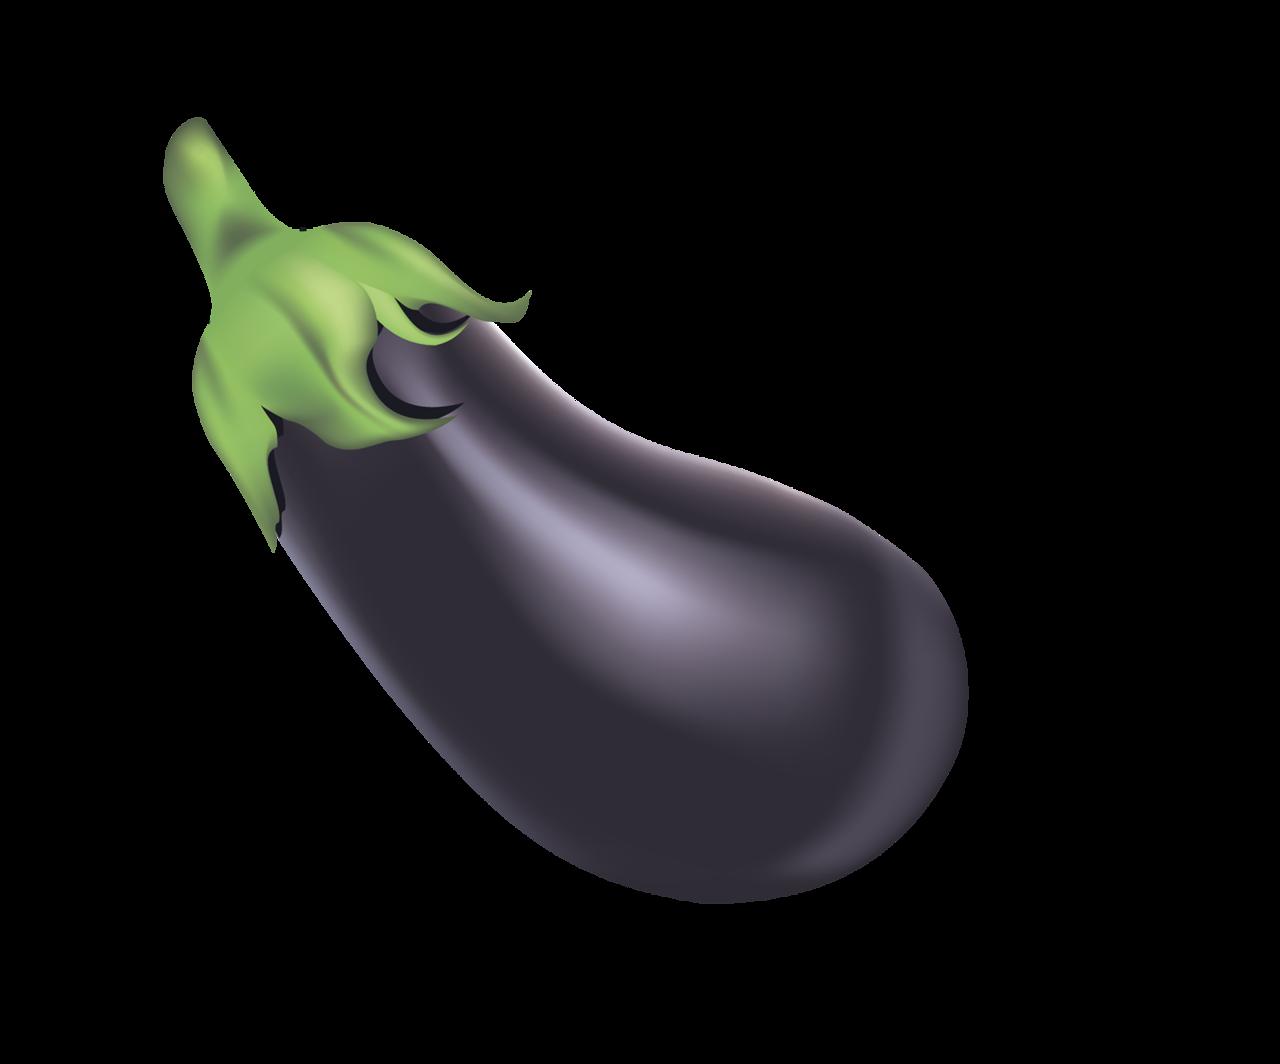 Eggplant purple food